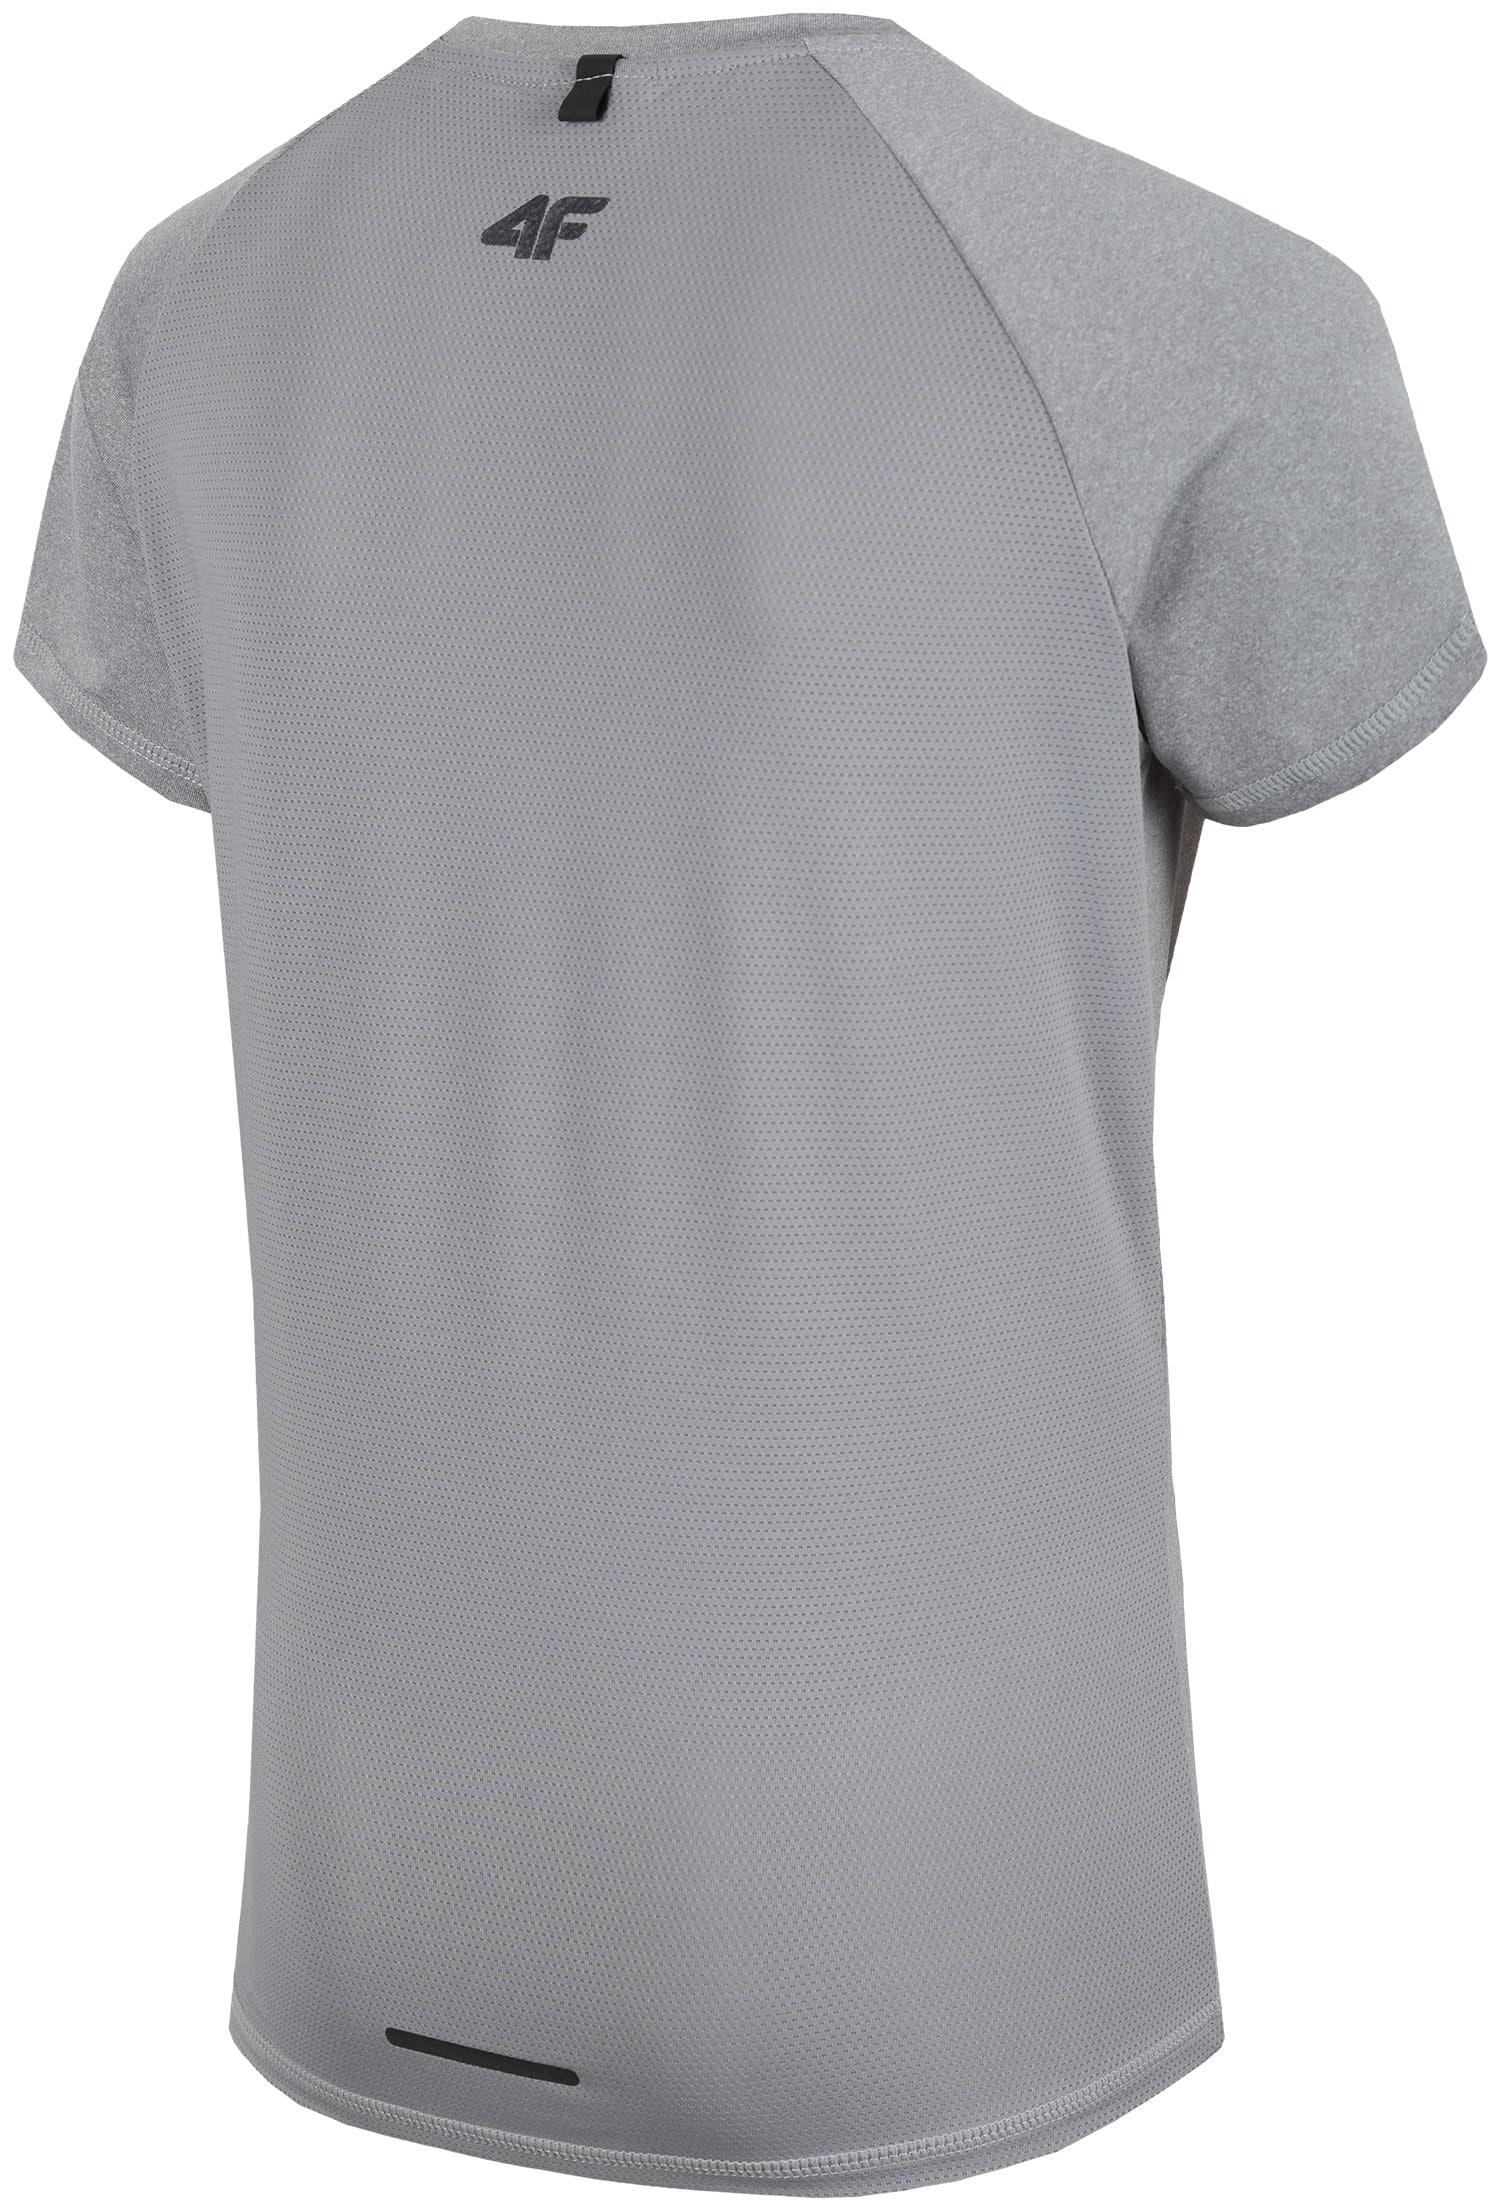 674b9fe7a Koszulka sportowa chłopięca (122-164) JTSM404 - chłodny jasny szary melanż